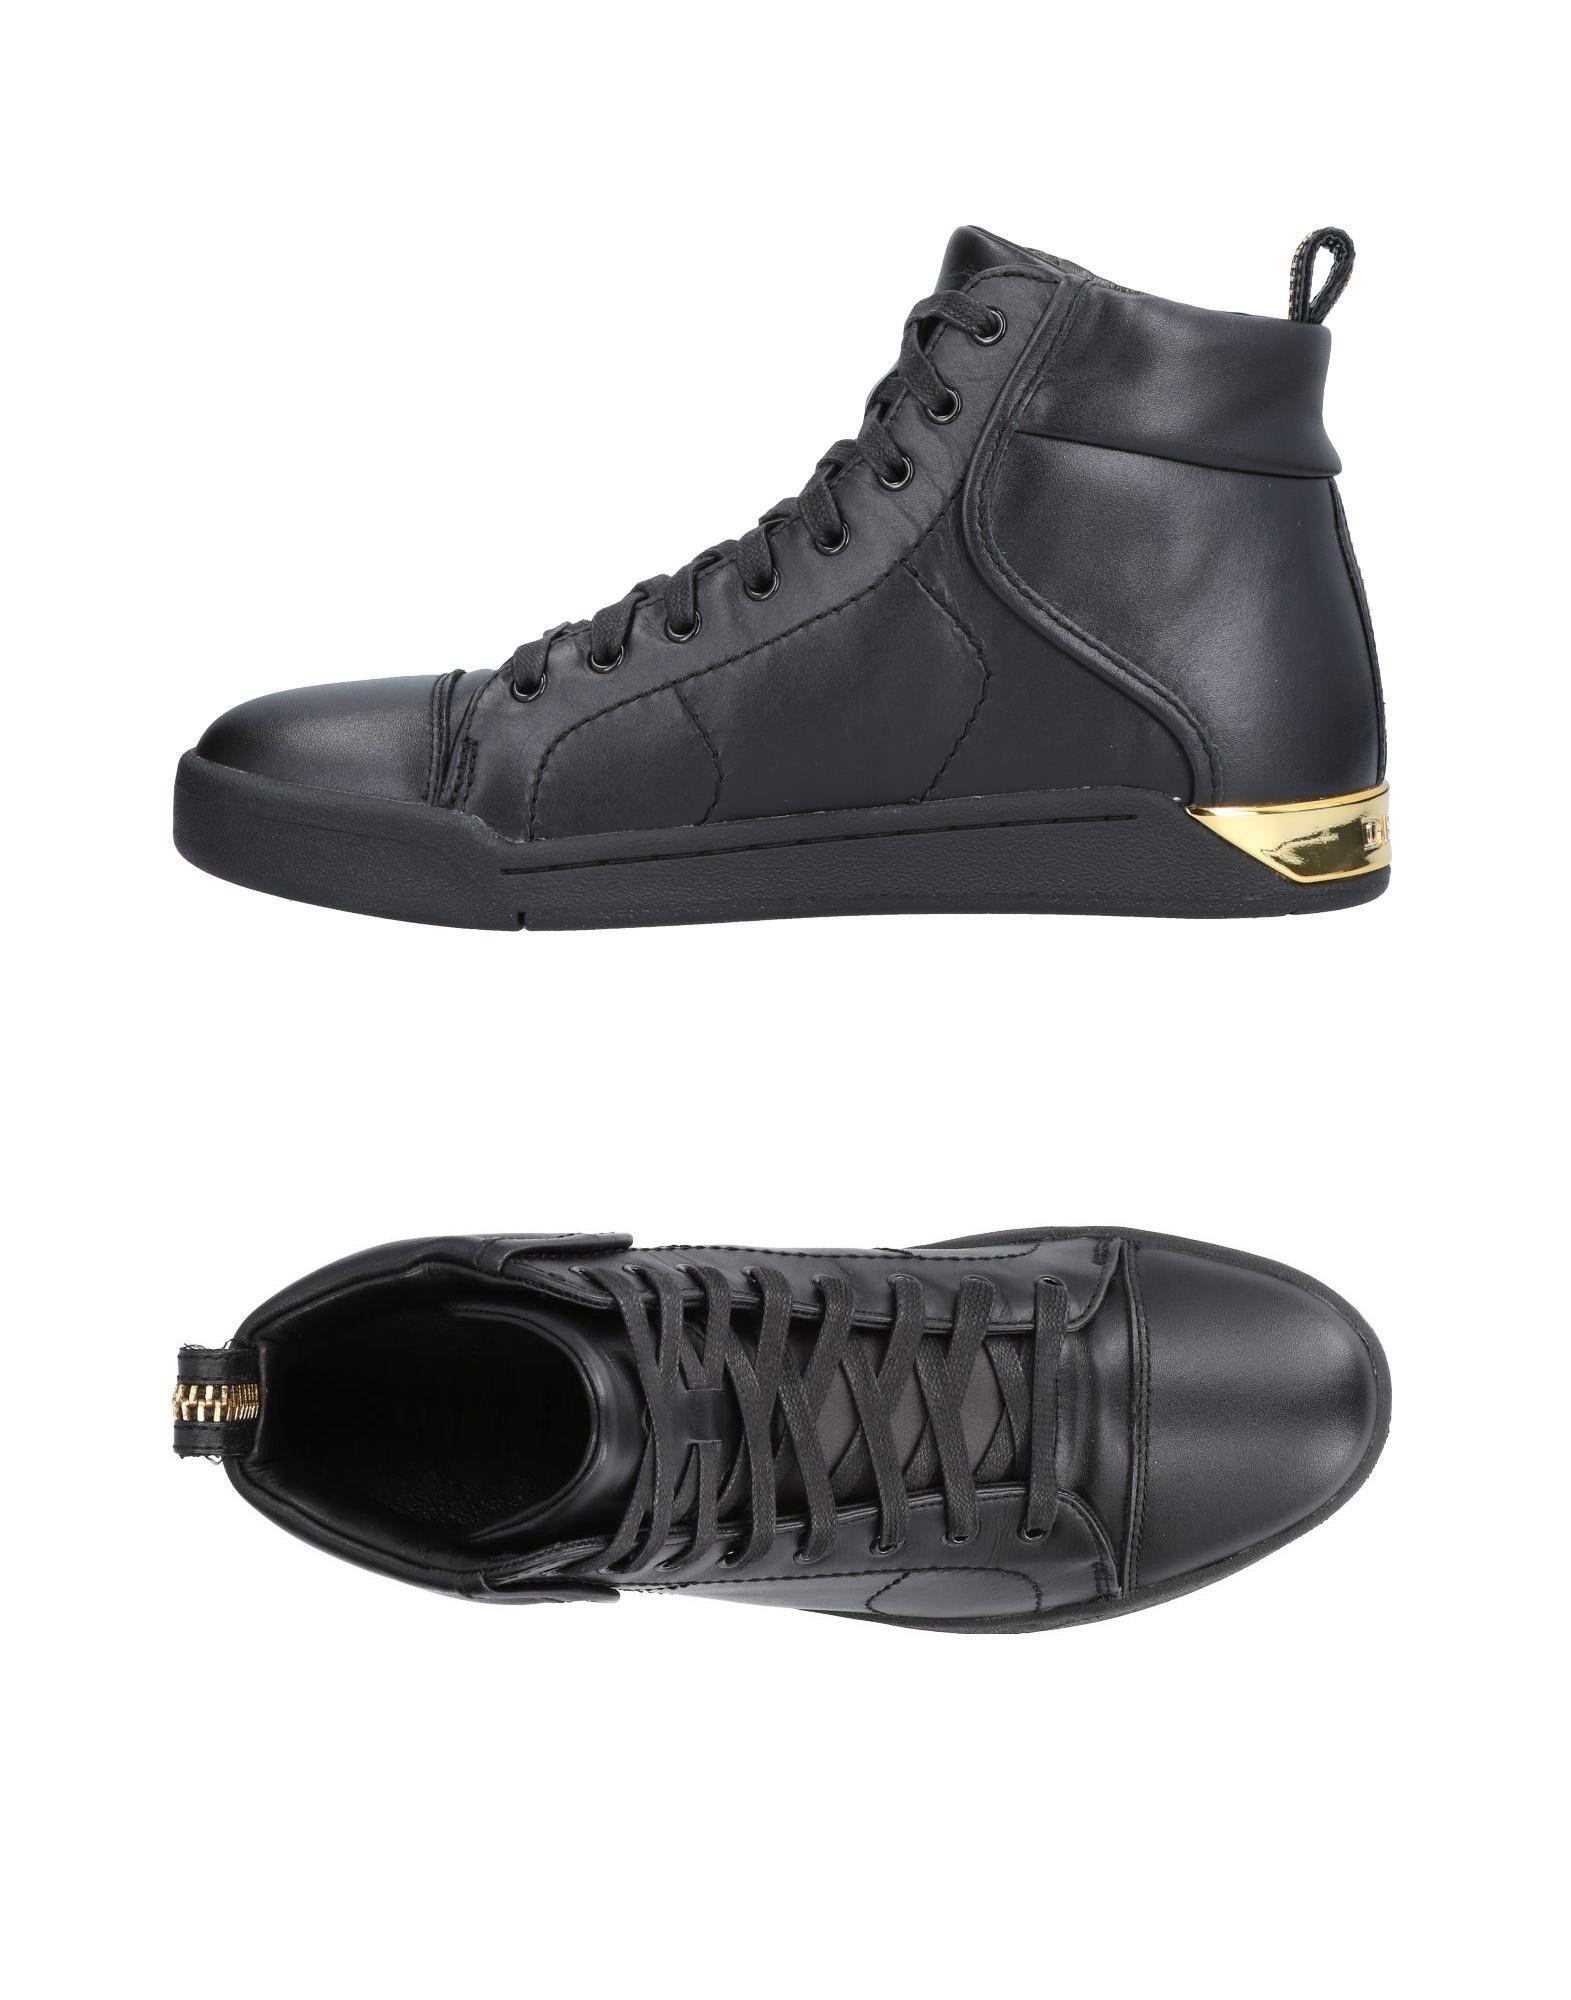 Sneakers Diesel Uomo - 11476635WF Scarpe economiche e buone